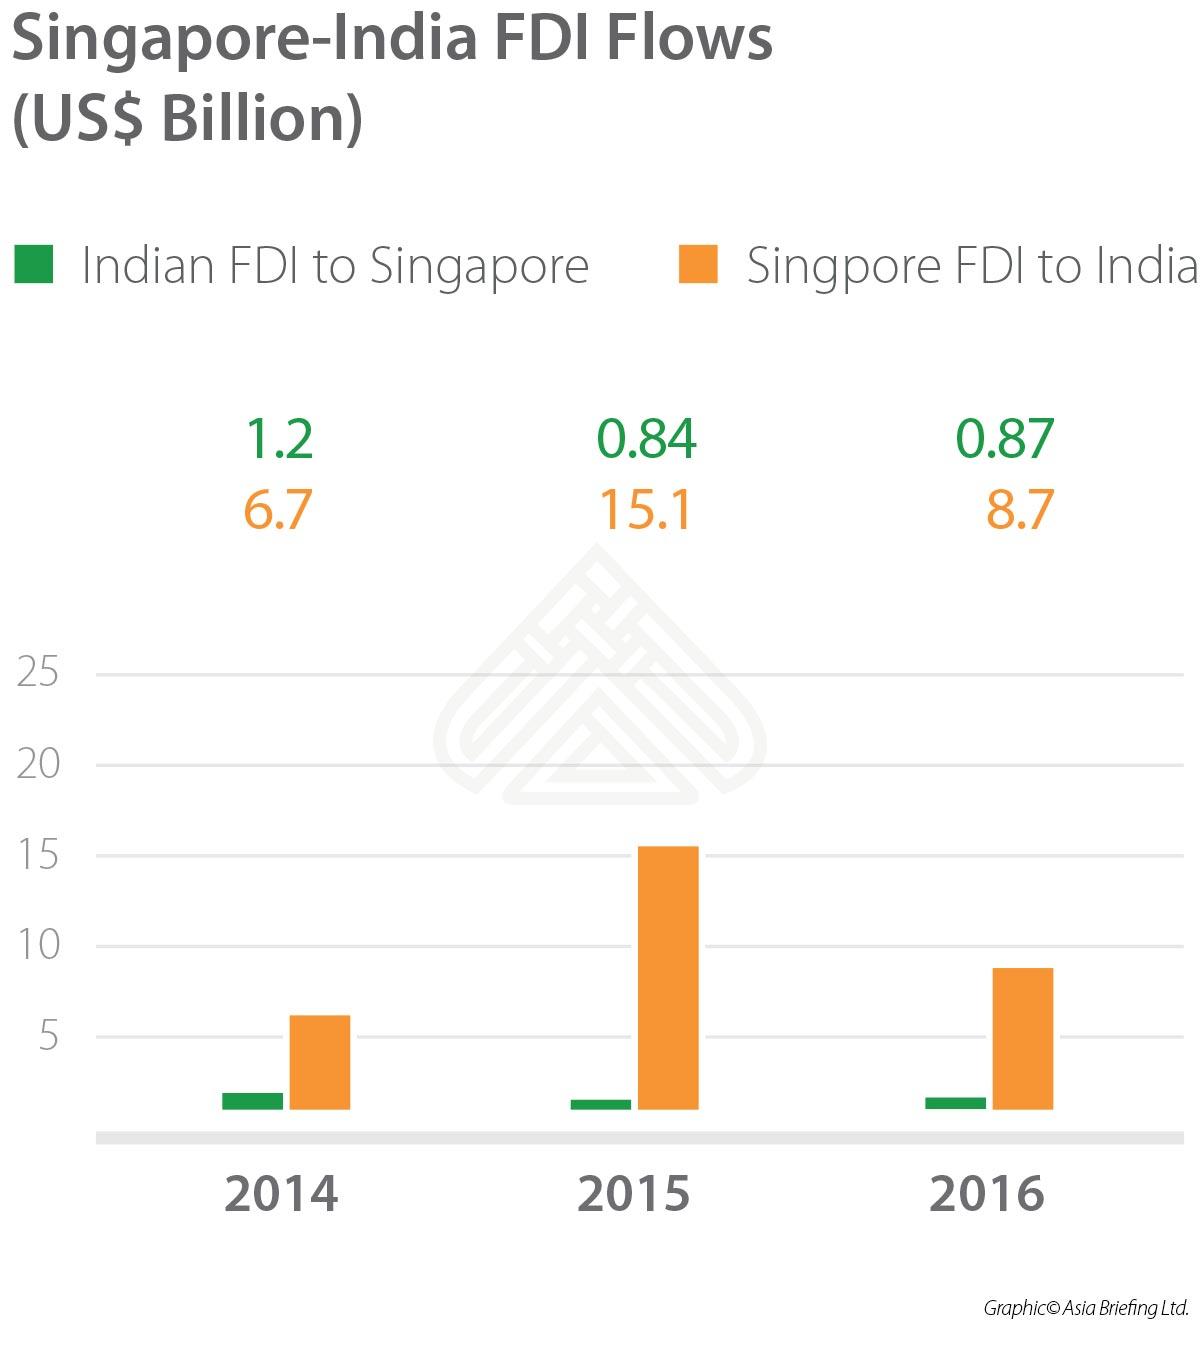 Singapore-India FDI Flows 2014-2016